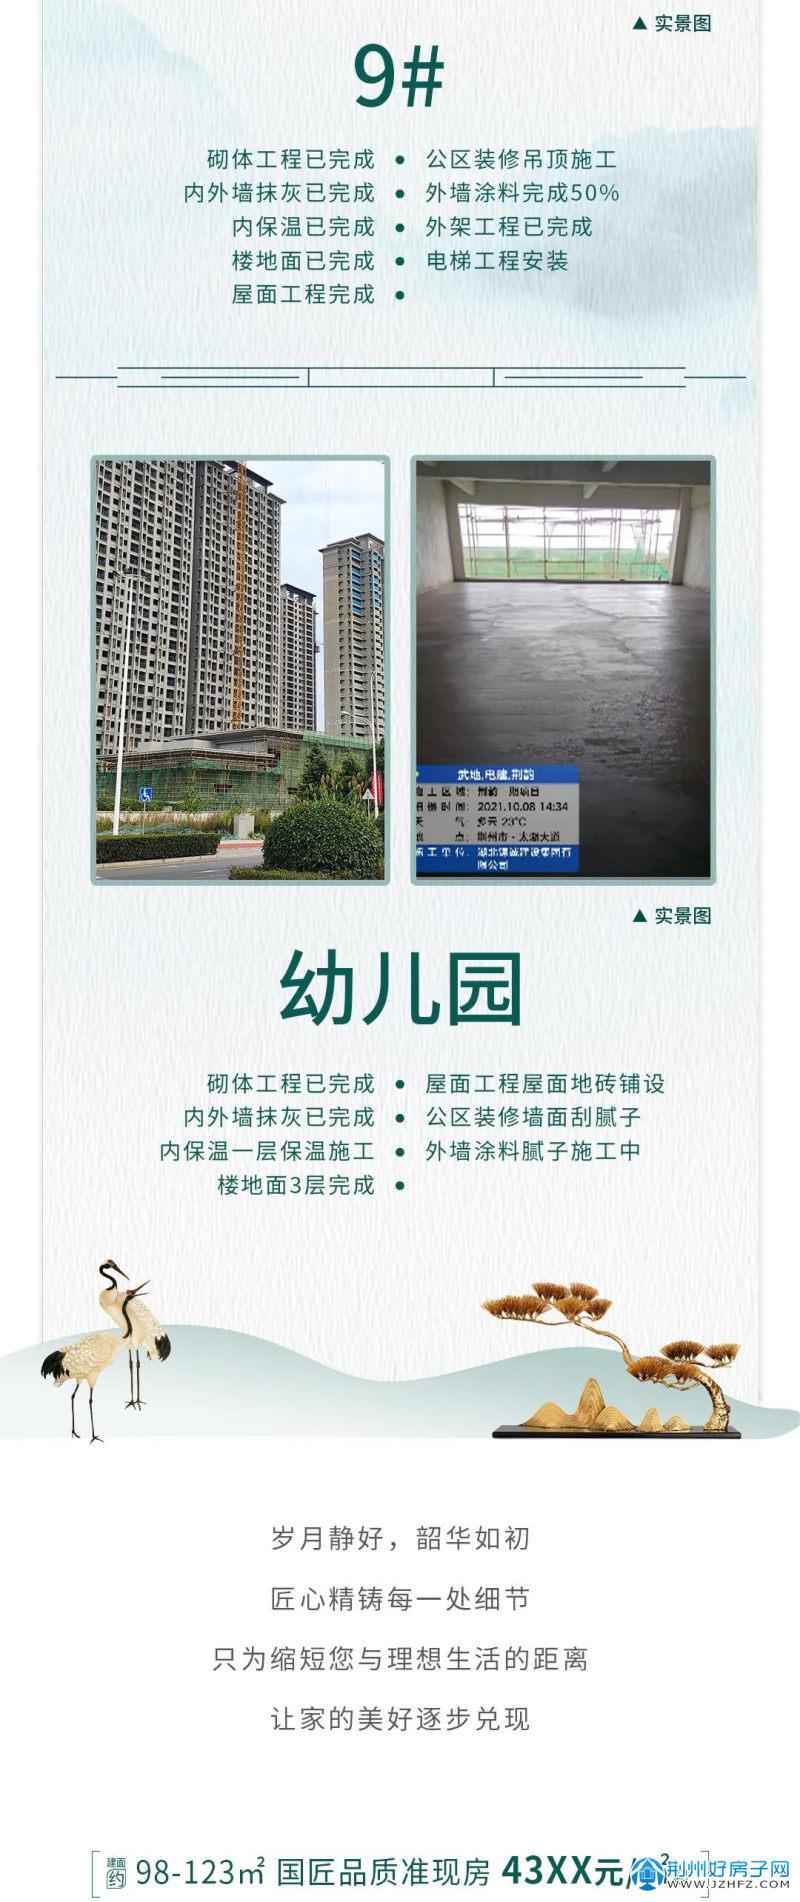 武汉城建电建荆韵 |10月项目进度 电梯安装